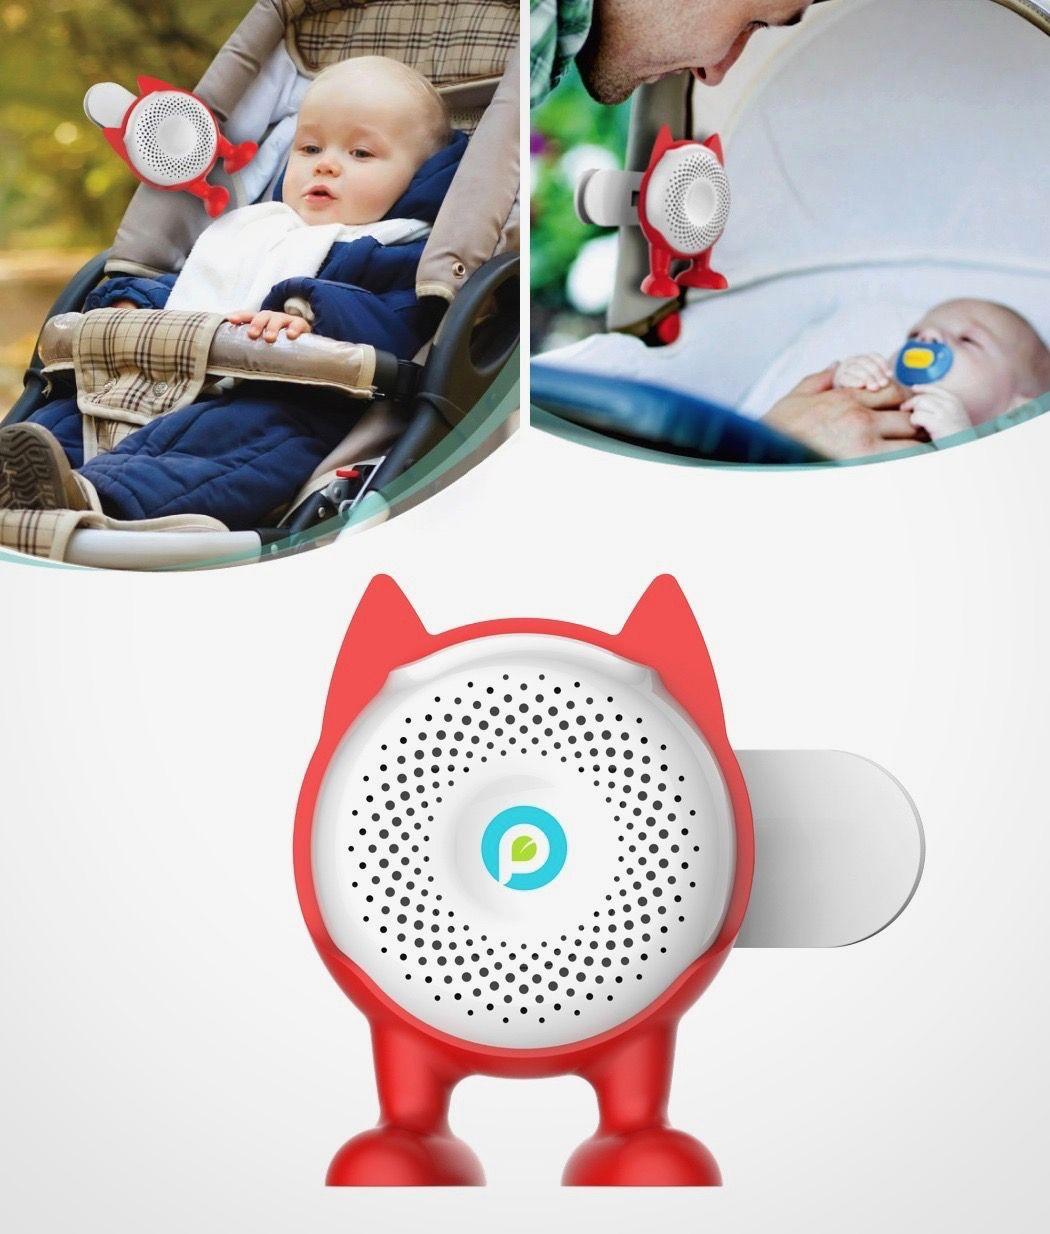 Adding Aircare to Childcare Yanko Design